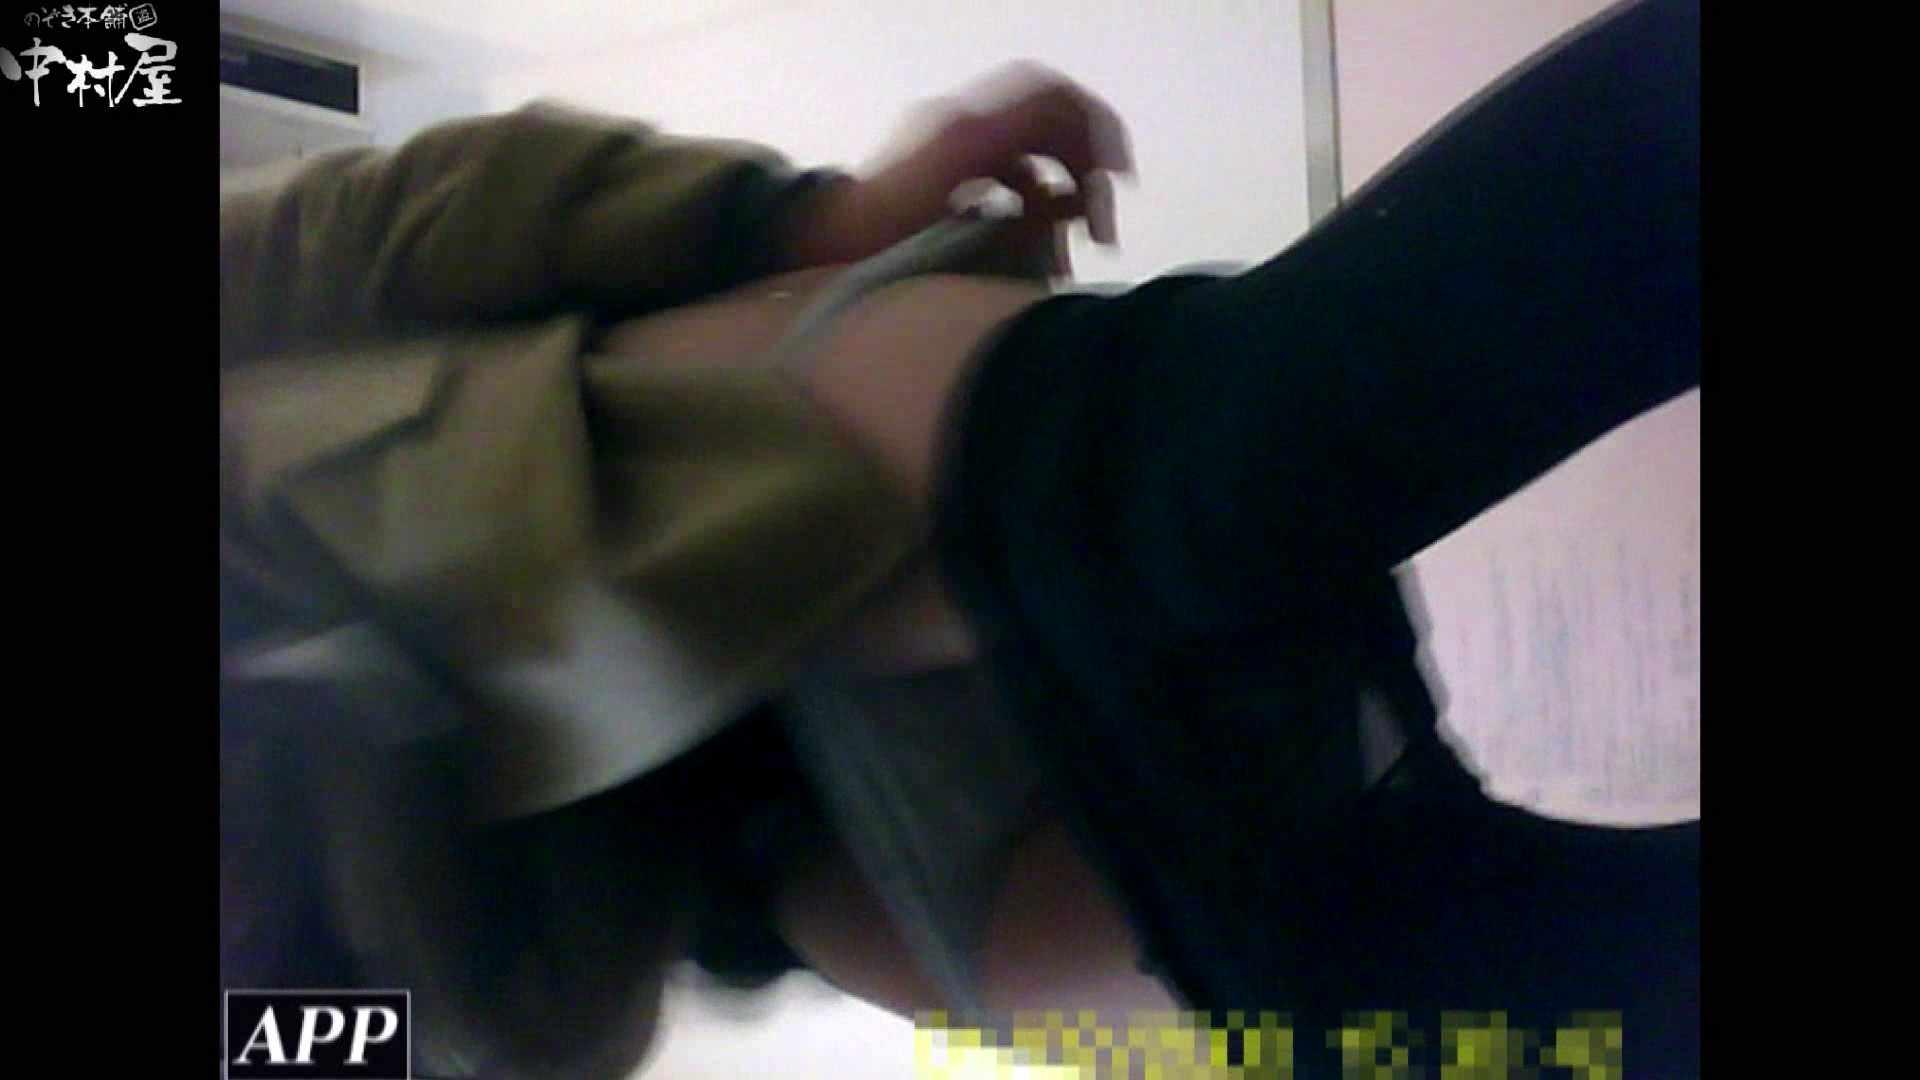 三つ目で盗撮 vol.62 マンコ無修正 のぞき濡れ場動画紹介 93画像 4